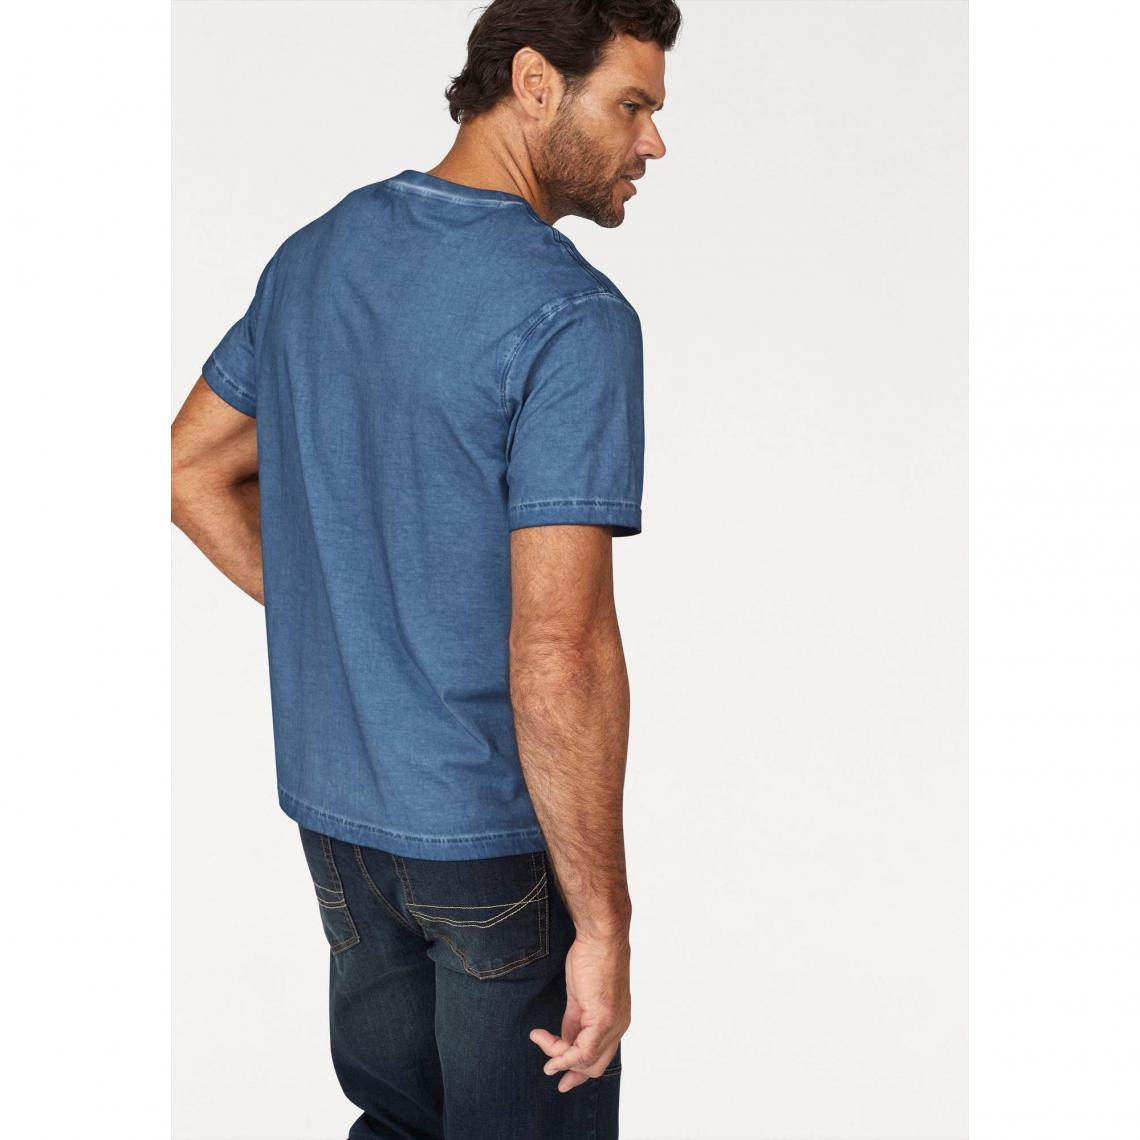 1187132e3c36d T-shirt homme Arizona - Bleu | 3 SUISSES